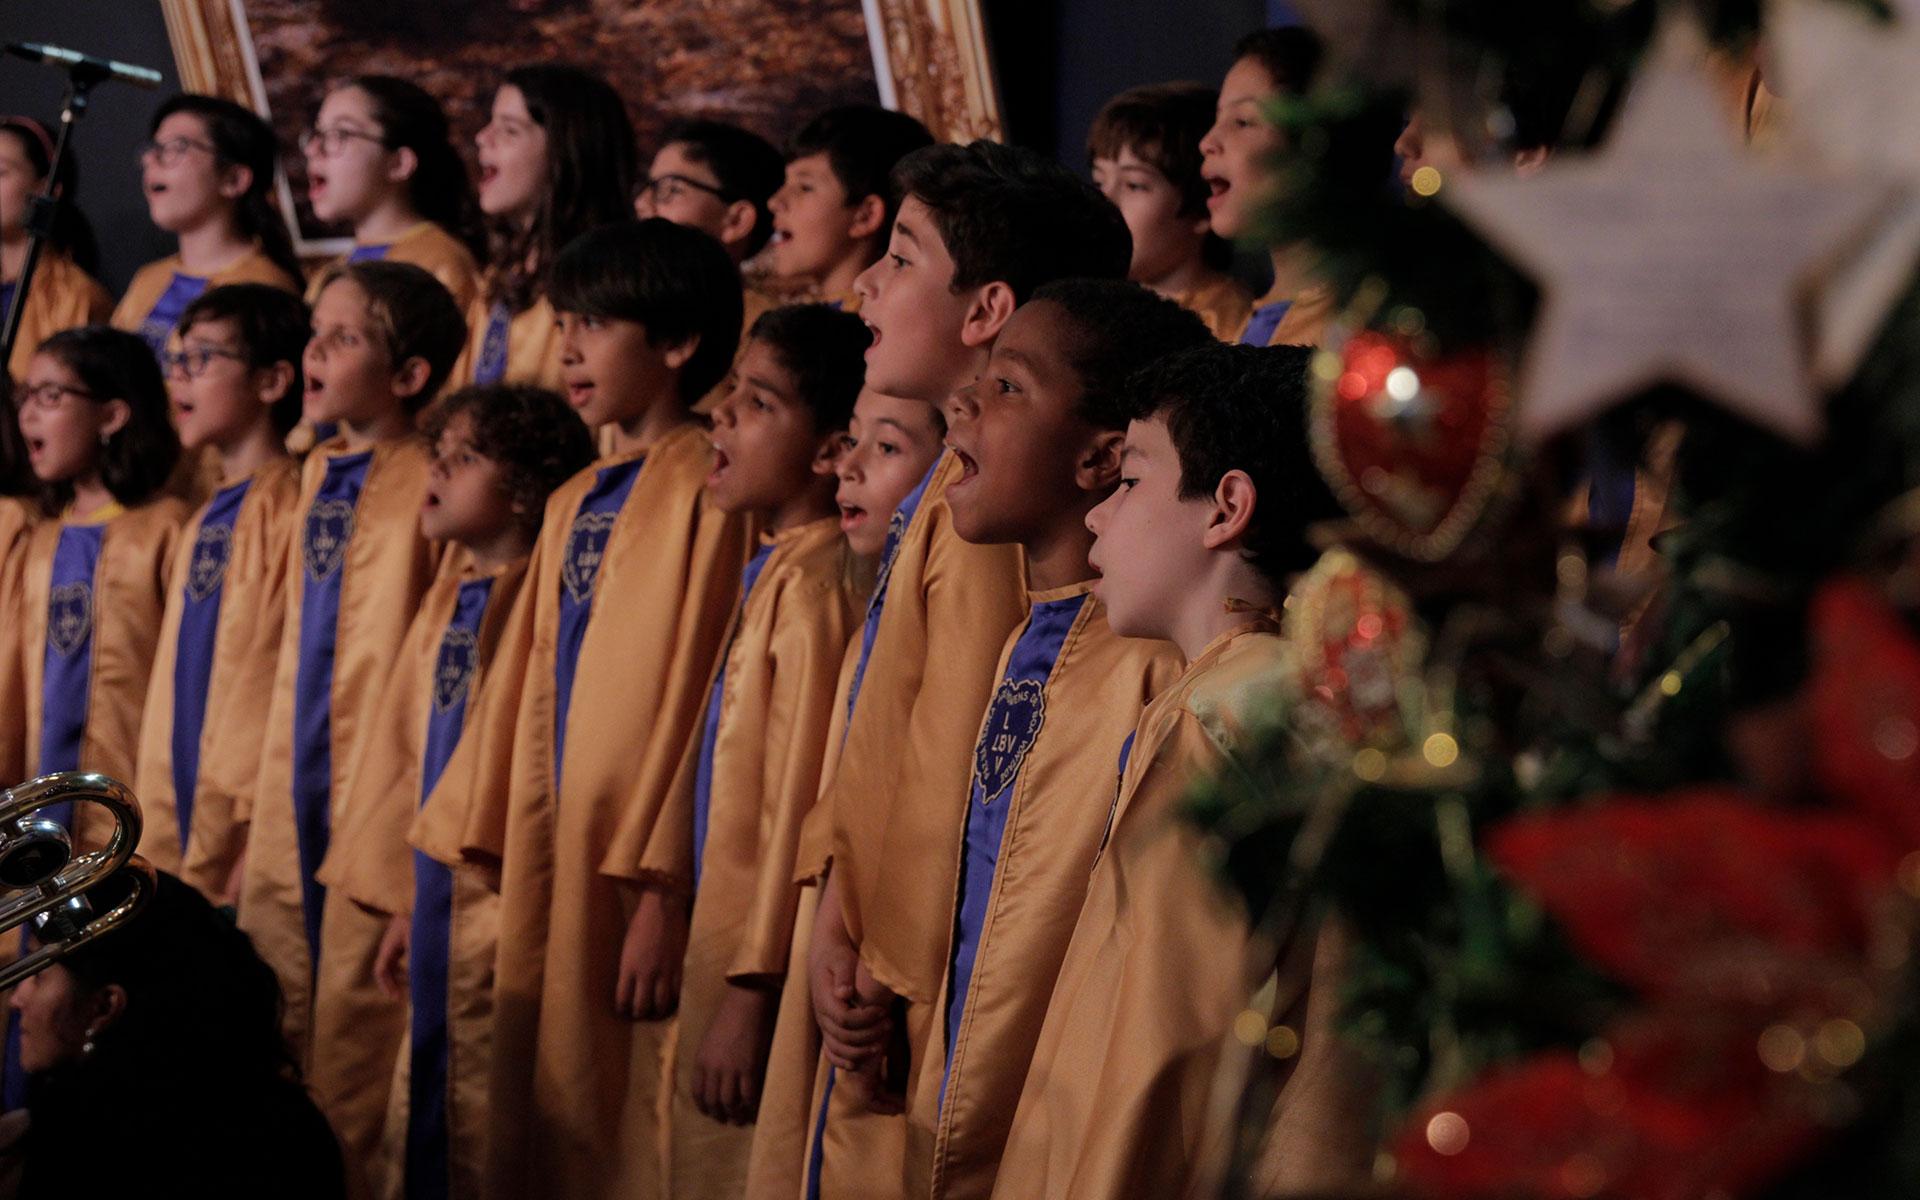 São Paulo, SP – O Coral Infantojuvenil Boa Vontade, juntamente com a Orquestra Filarmônica Boa Vontade, abrilhantou a cantata natalina com Músicas Legionárias dedicadas ao Divino Mestre, Jesus.